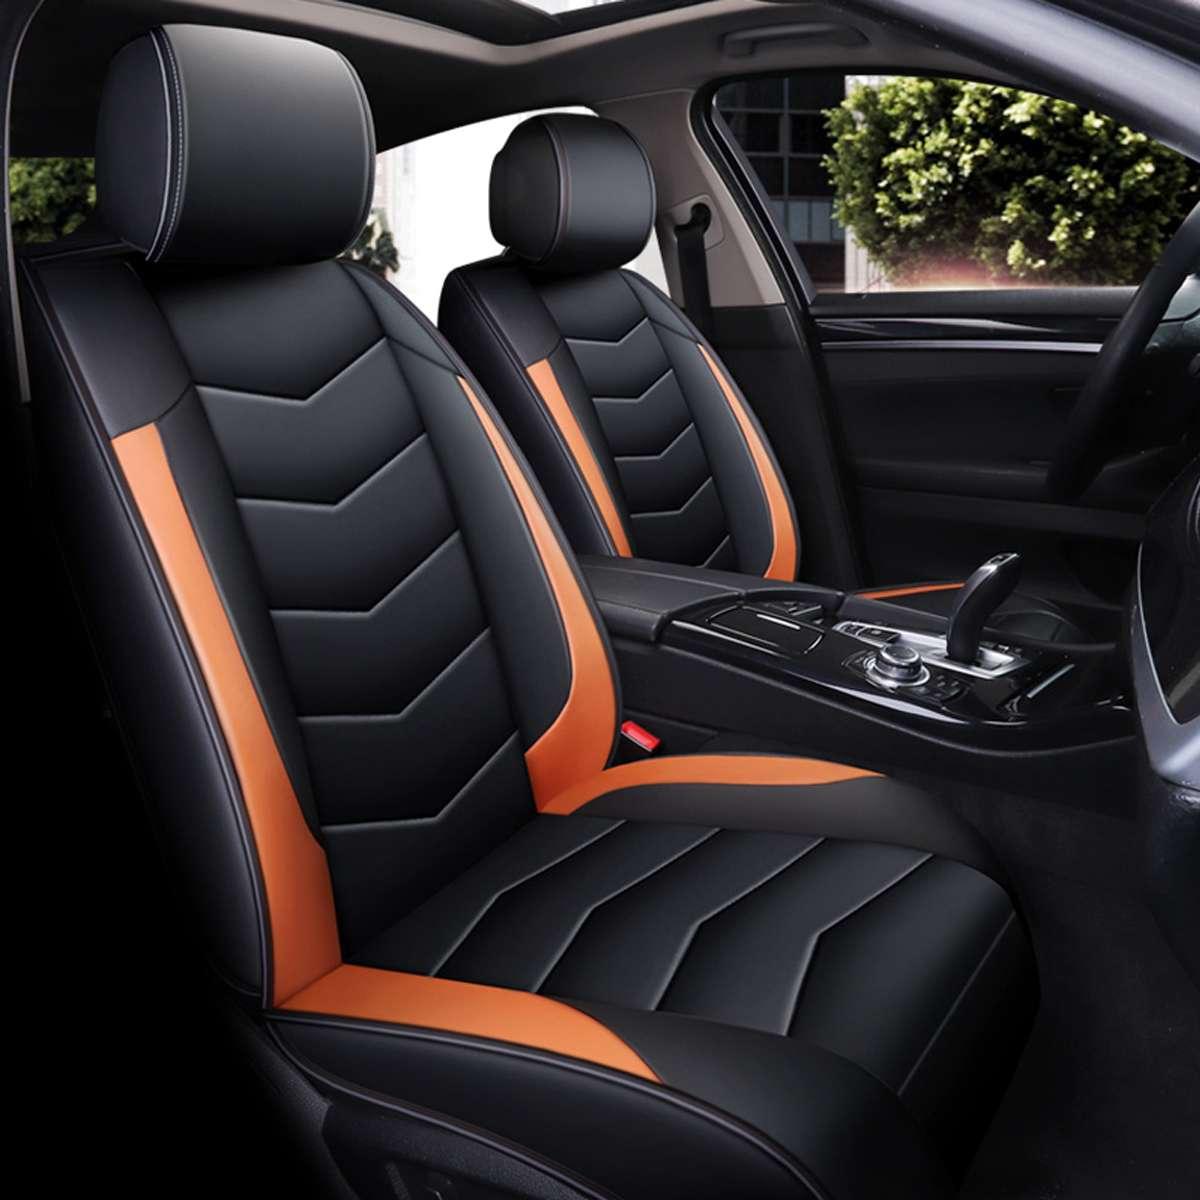 אוניברסלי עור מפוצל רכב מושב כיסוי עבור BMW עבור פיג 'ו רכב אביזרי מושב קדמי מגן עבור רכב מושב רכב סטיילינג